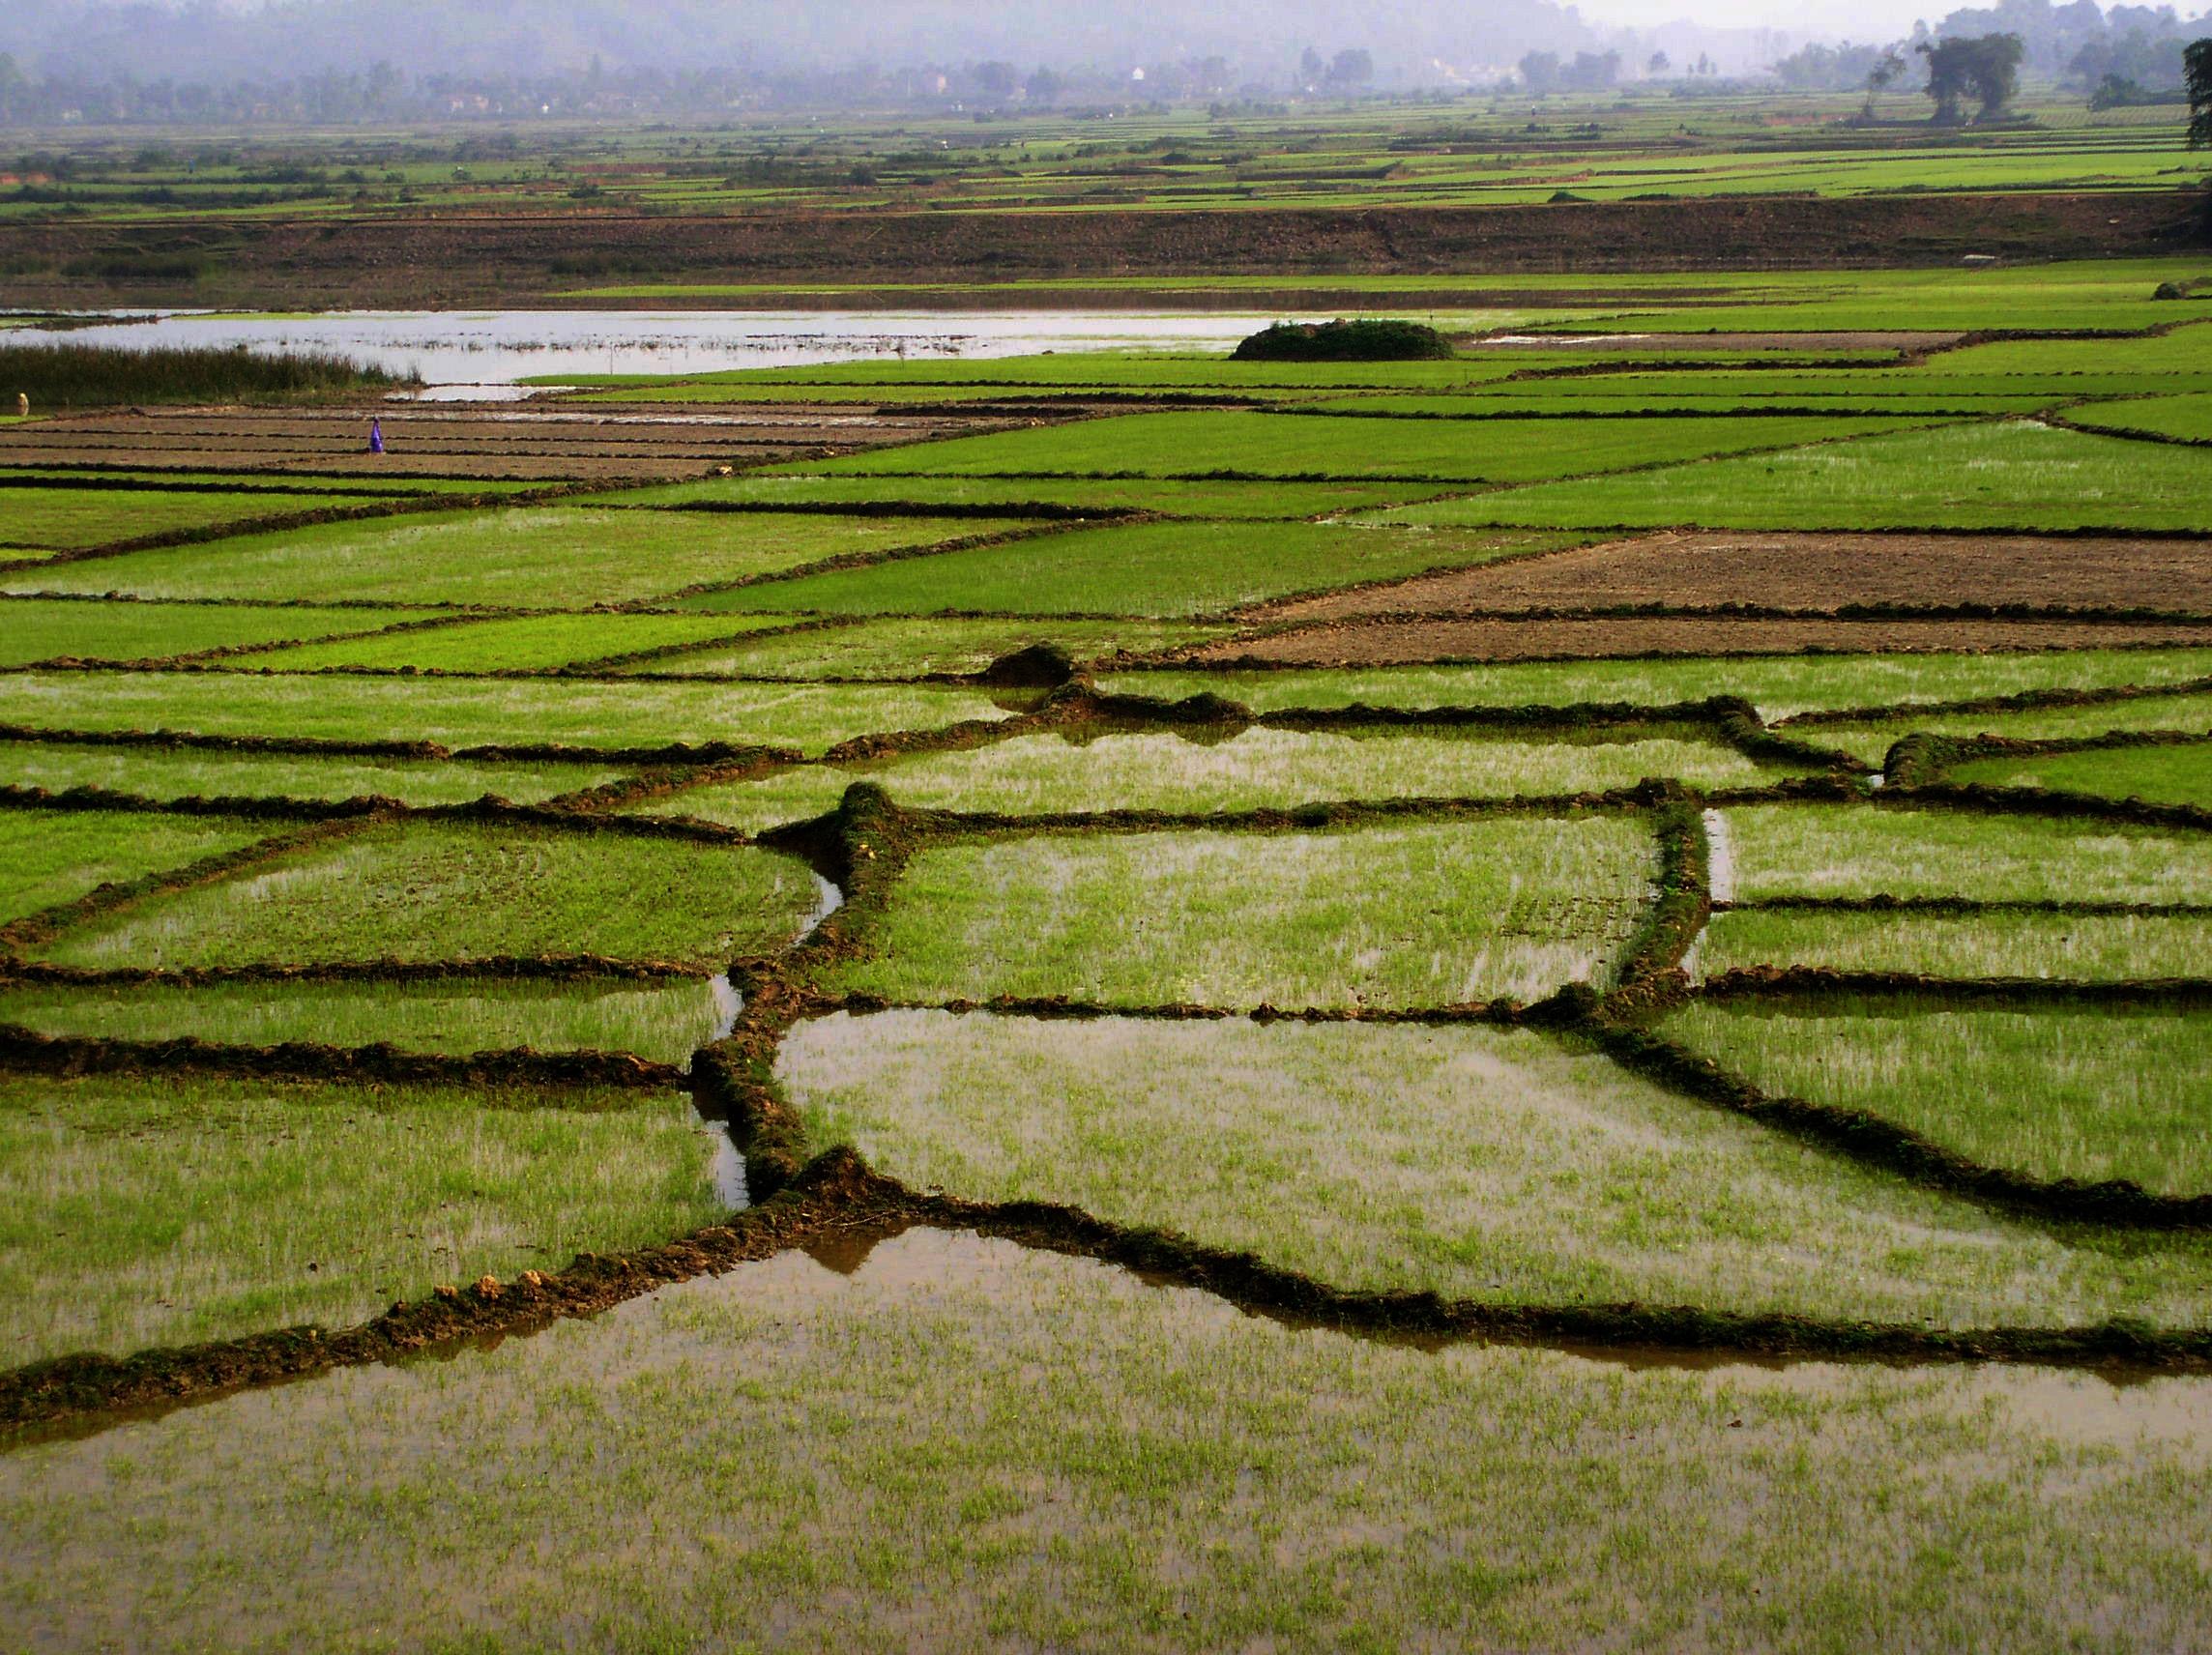 Fotos Gratis Paisaje Naturaleza Césped Pantano